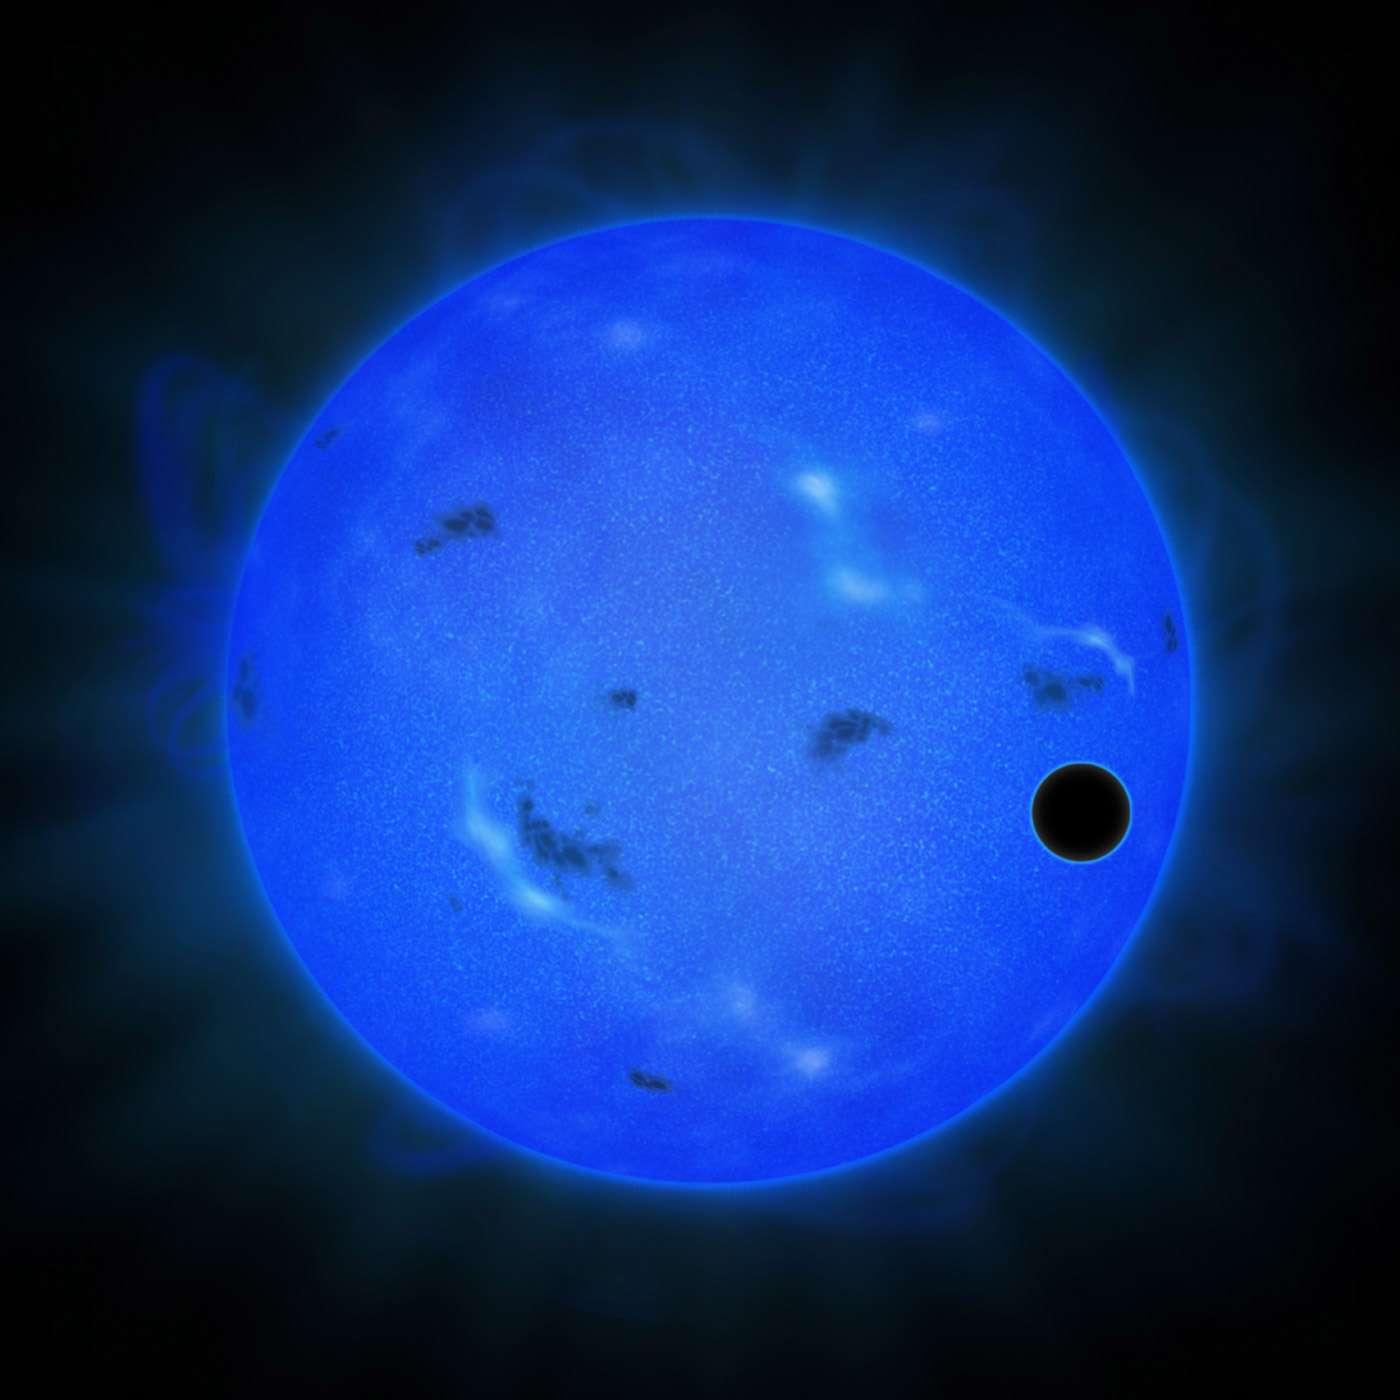 Vue d'artiste de l'étoile Gliese 1214 observée à l'aide d'un filtre pour la lumière bleue. Sur la droite, le cercle noir révèle la présence d'une superTerre effectuant un transit planétaire. C'est Gliese 1214 b. Les dernières mesures de la composition de l'atmosphère de cette exoplanète avec les instruments du téléscope Subaru sont de nouveau favorables à l'hypothèse qu'elle est riche en vapeur d'eau et pas en hydrogène. © NAOJ